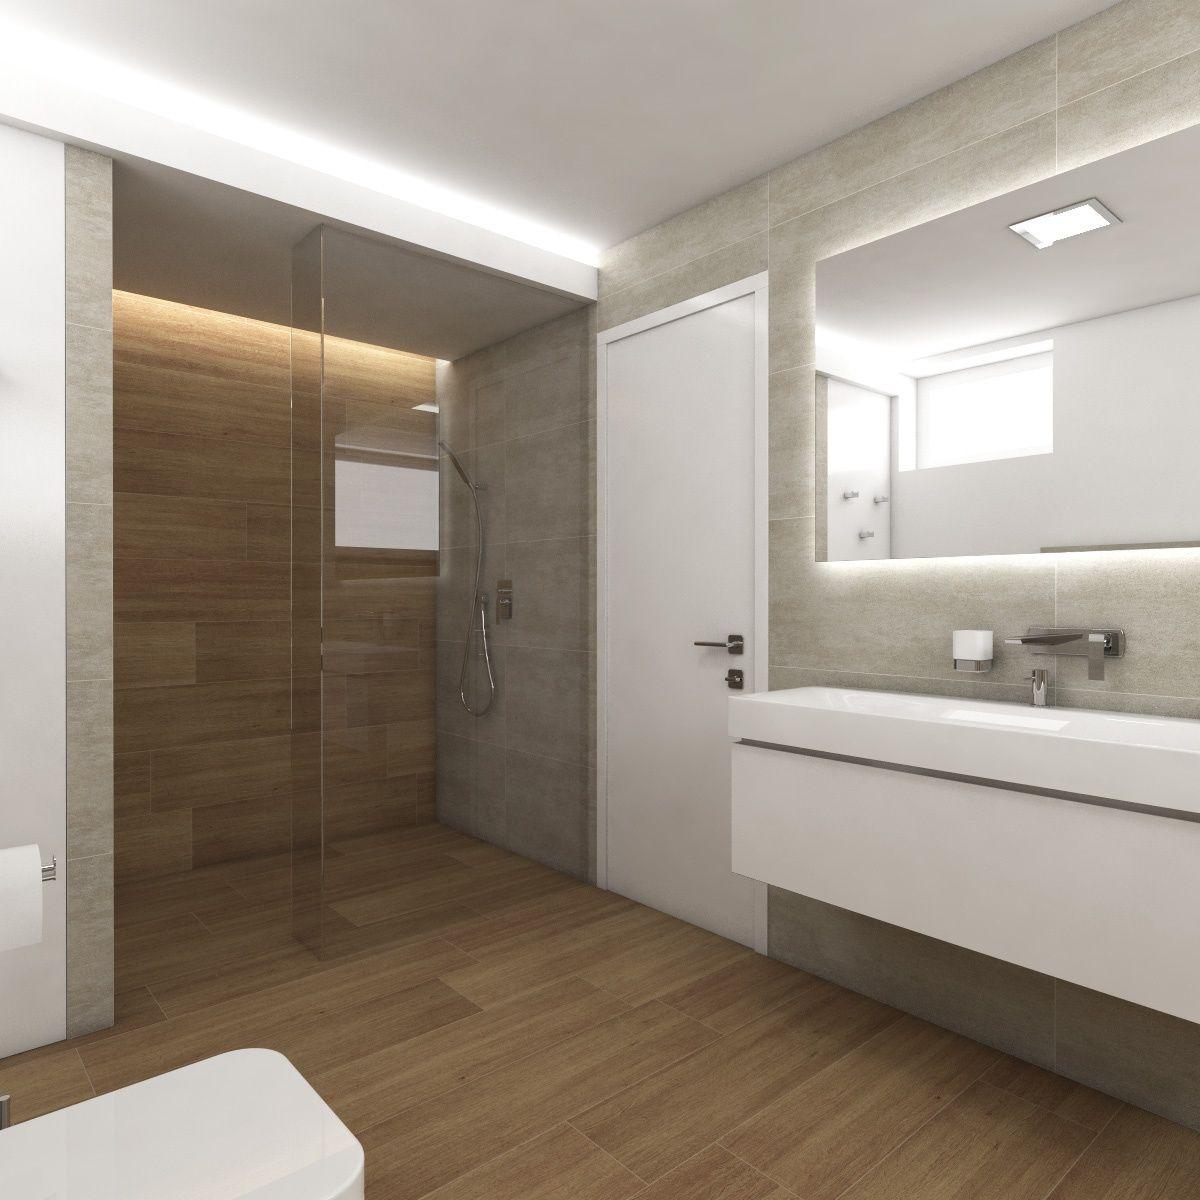 Moderne Badezimmer Ideen coole Badezimmerm\u00f6bel | dekoideen bad ...